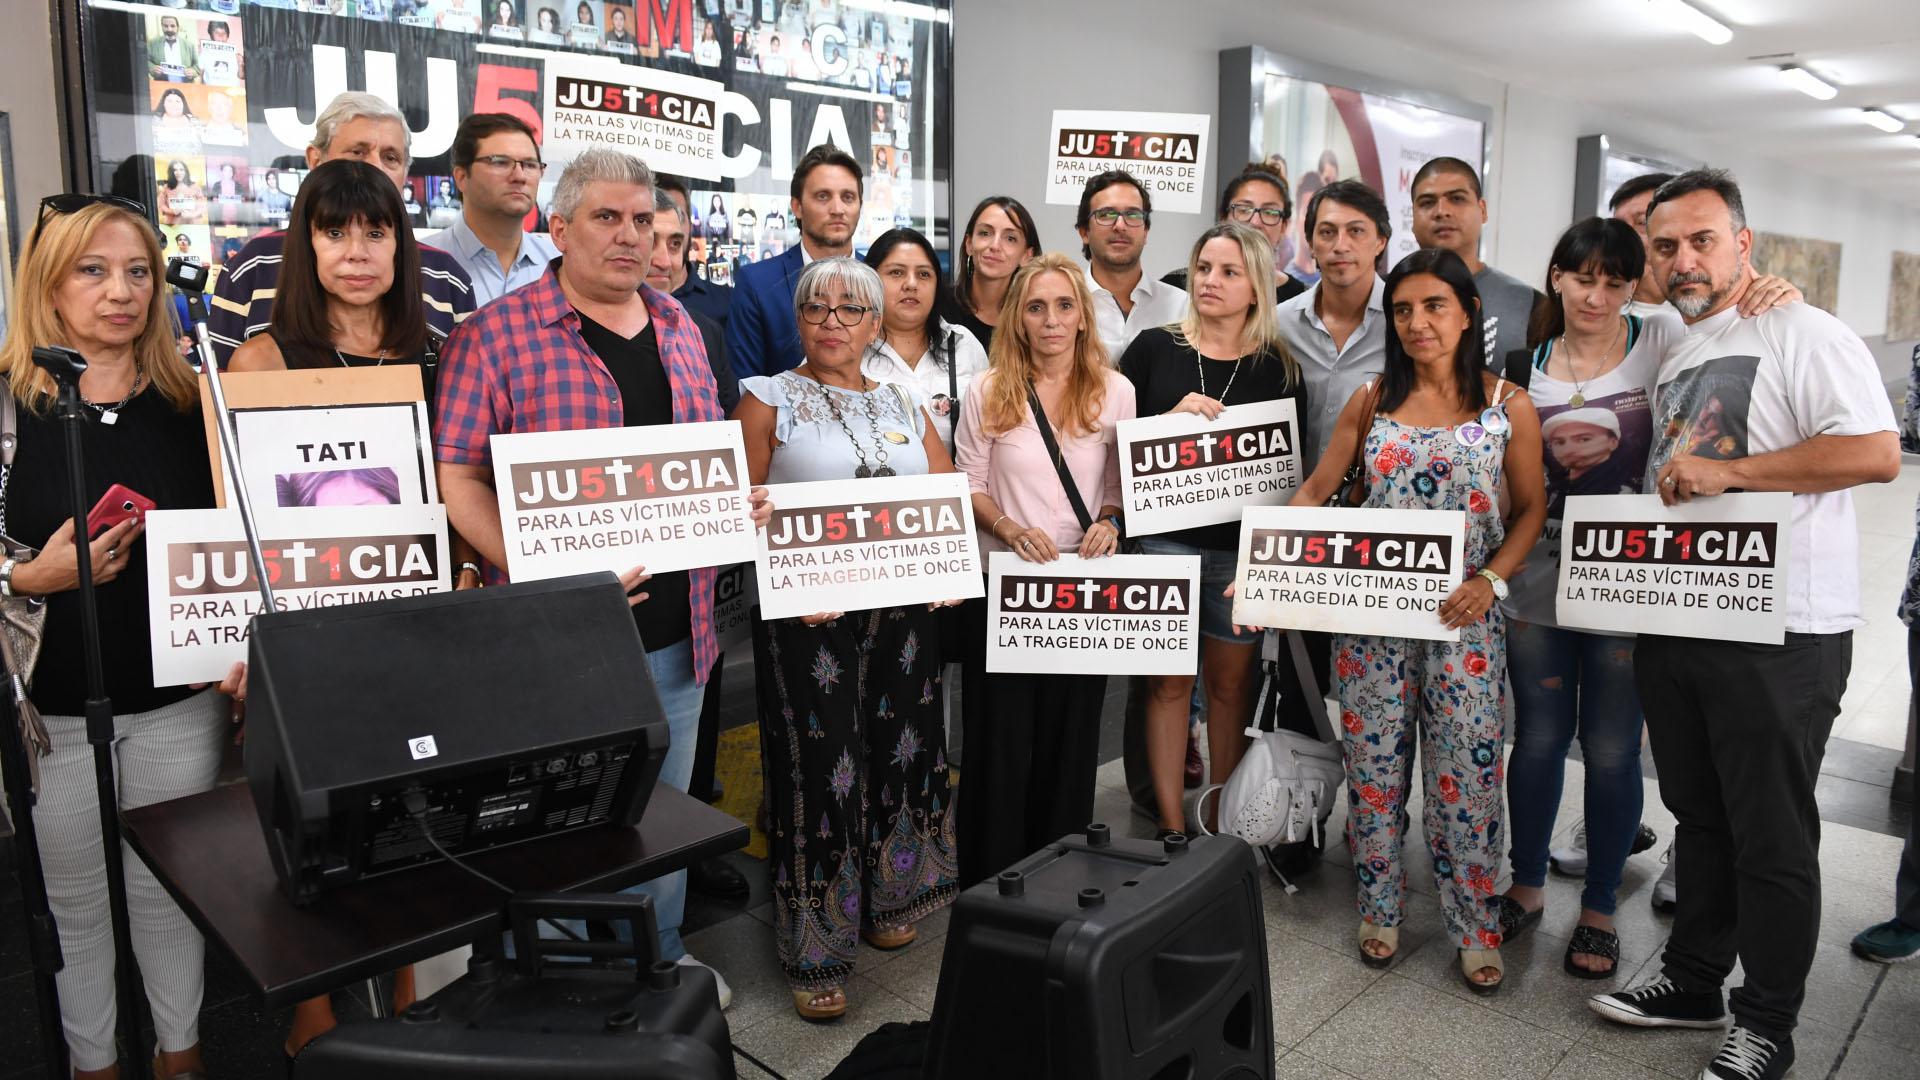 Los familiaresen el andén de la tragedia, junto a representantes de organizaciones sociales